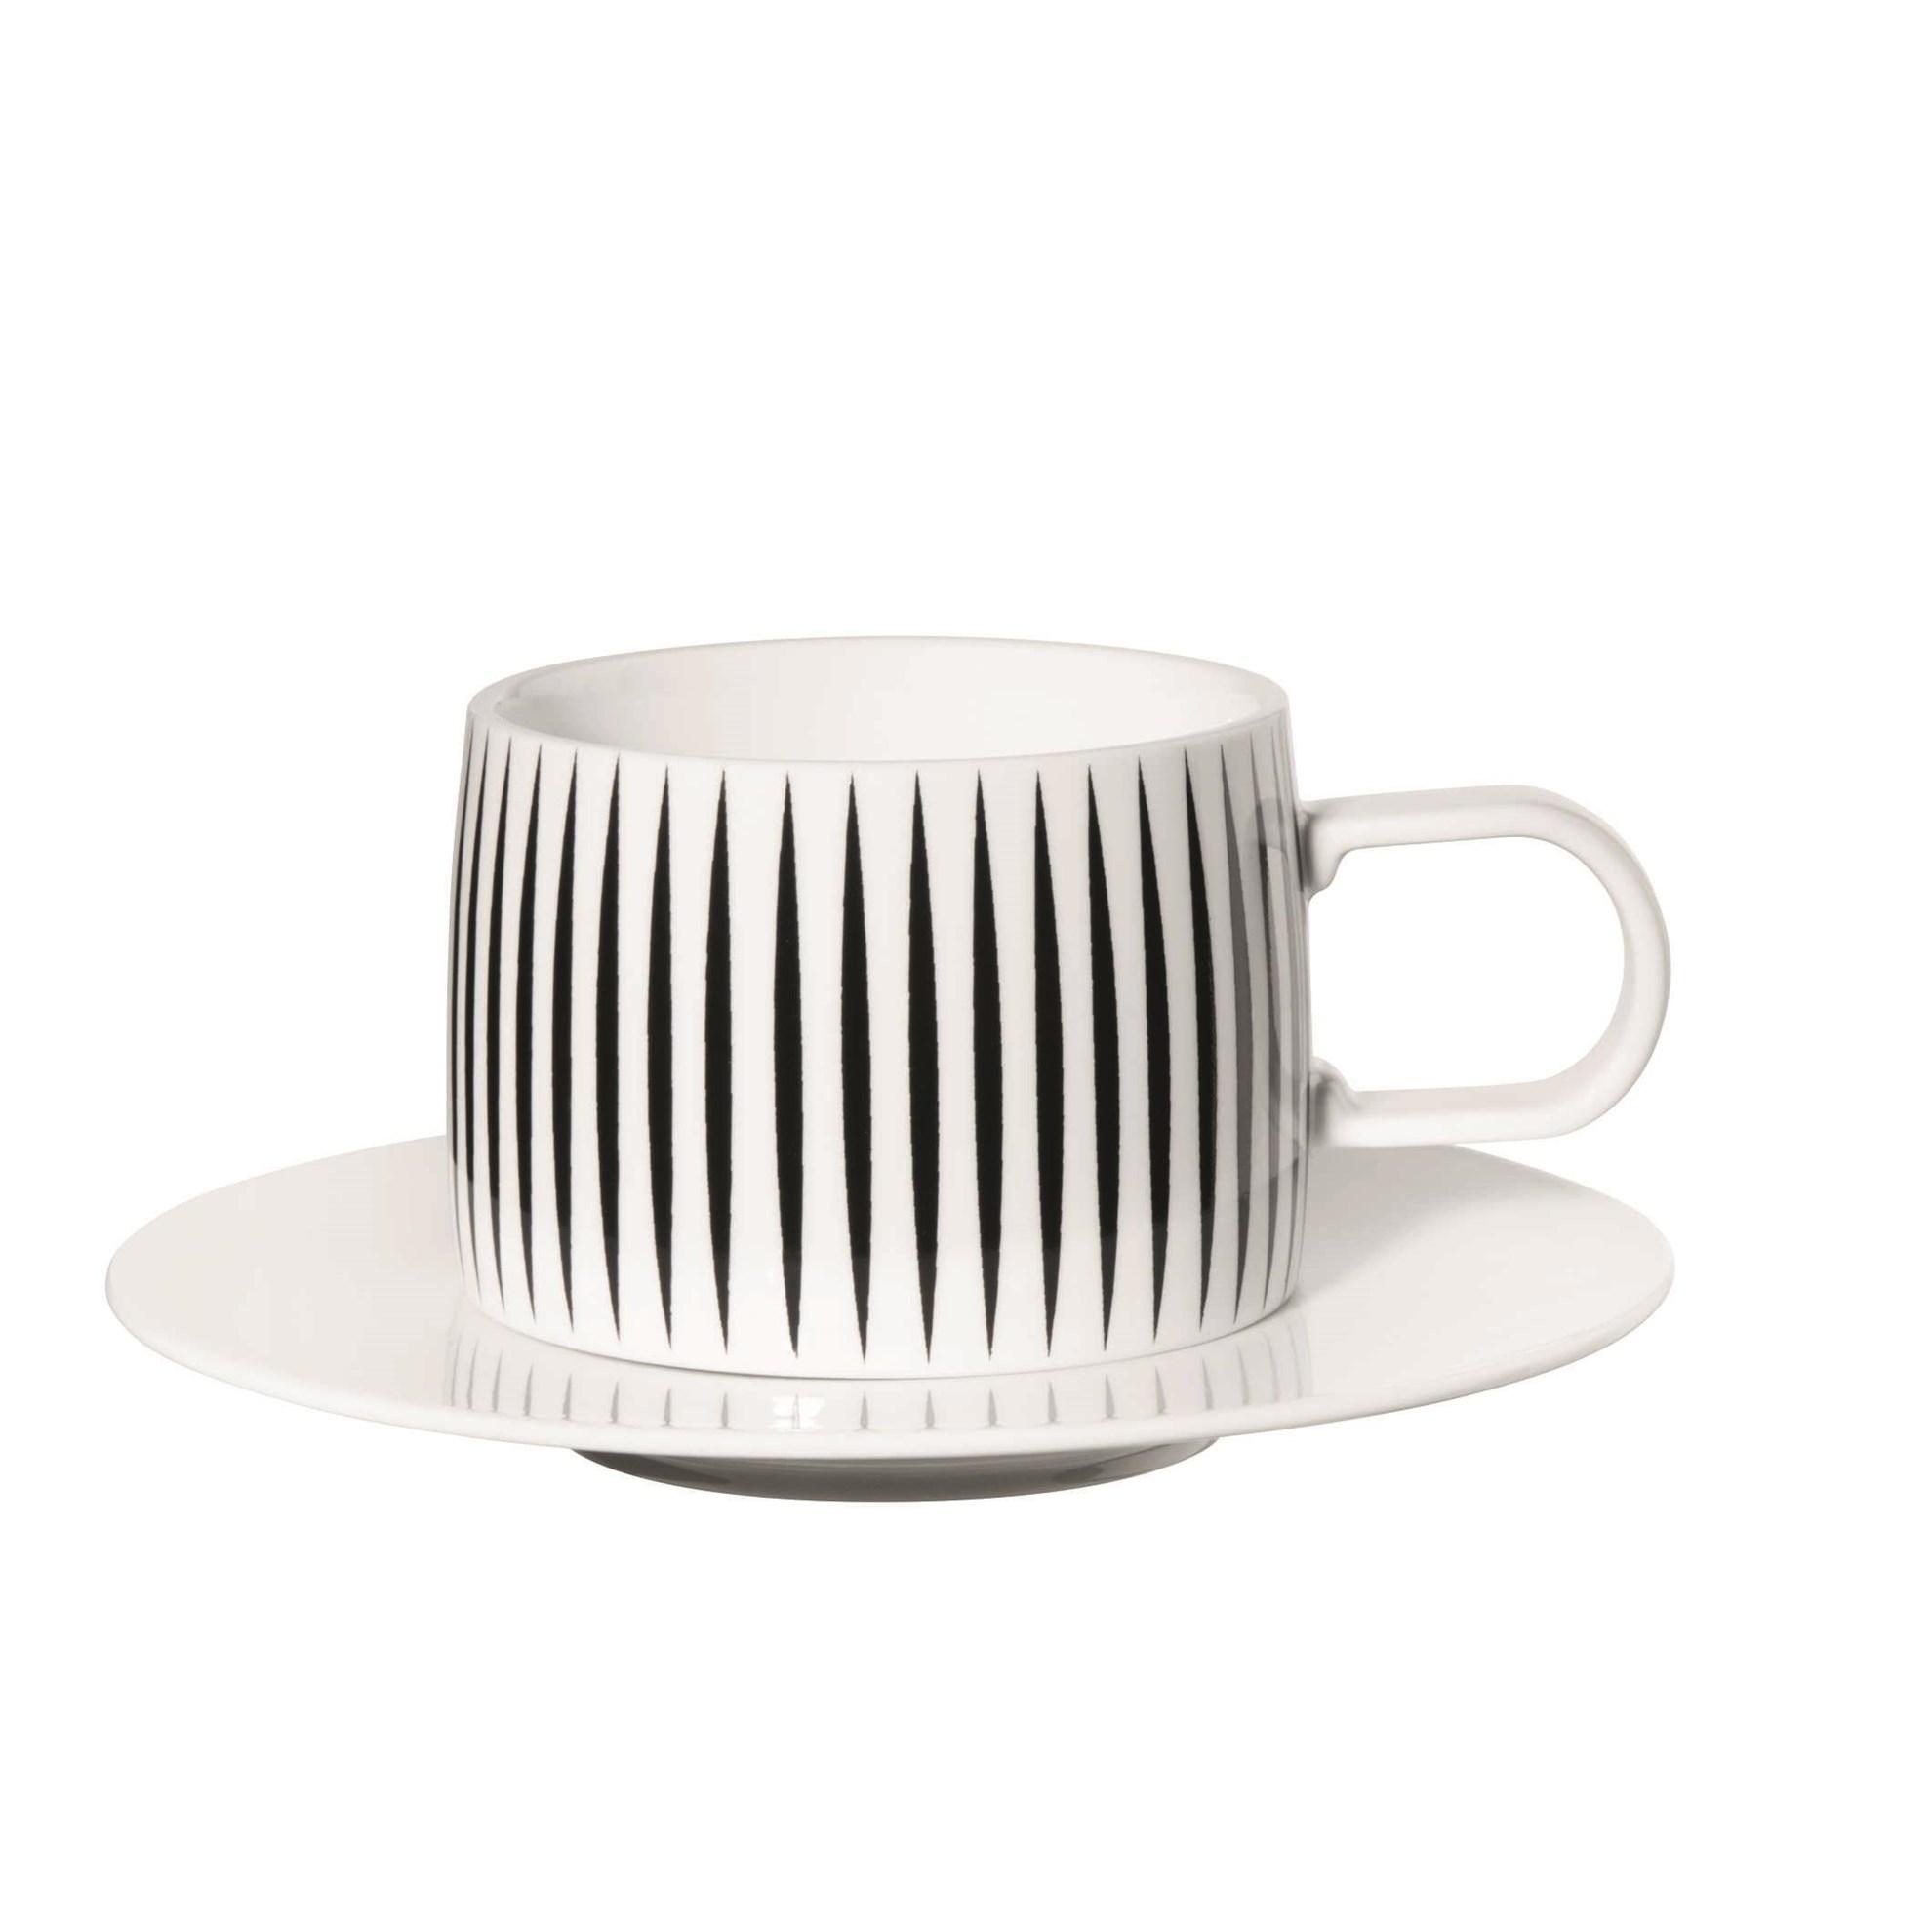 Šálek na kávu s podšálkem MUGA pruhy_0